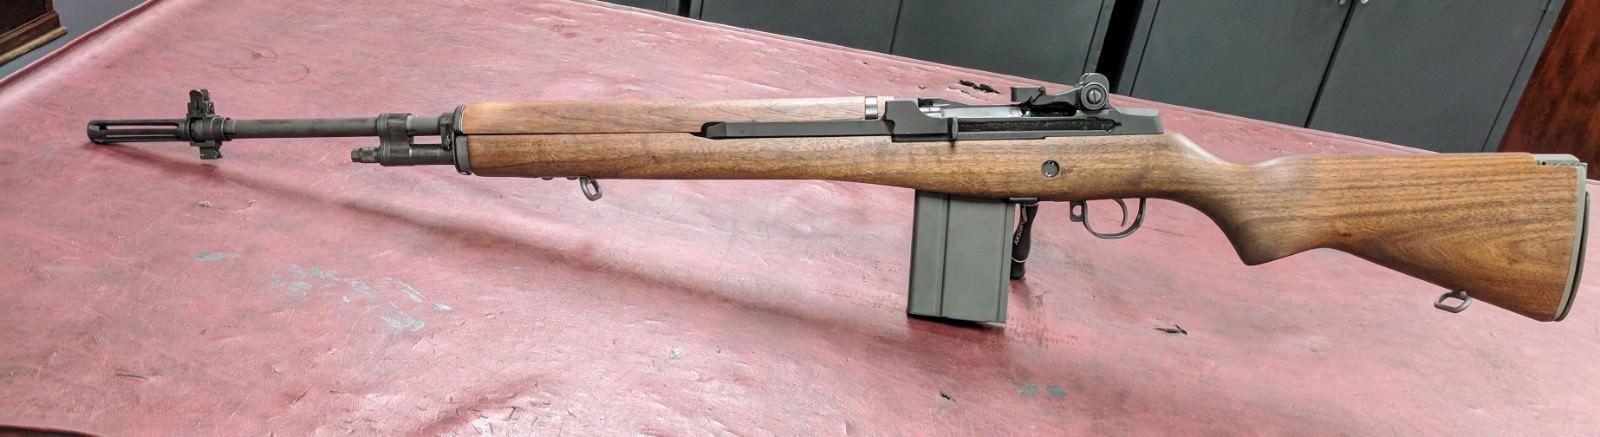 Balkezes M14 félautomata klón